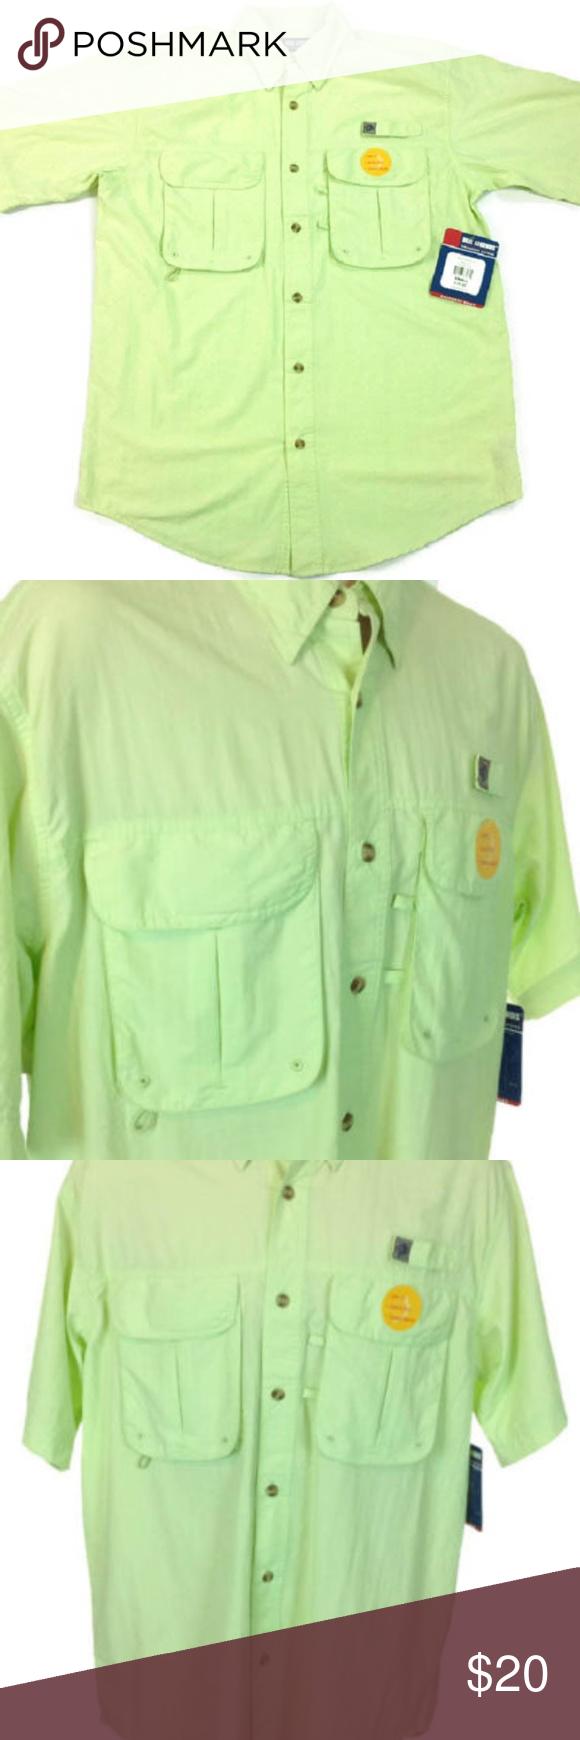 Lime Green Shirt Men